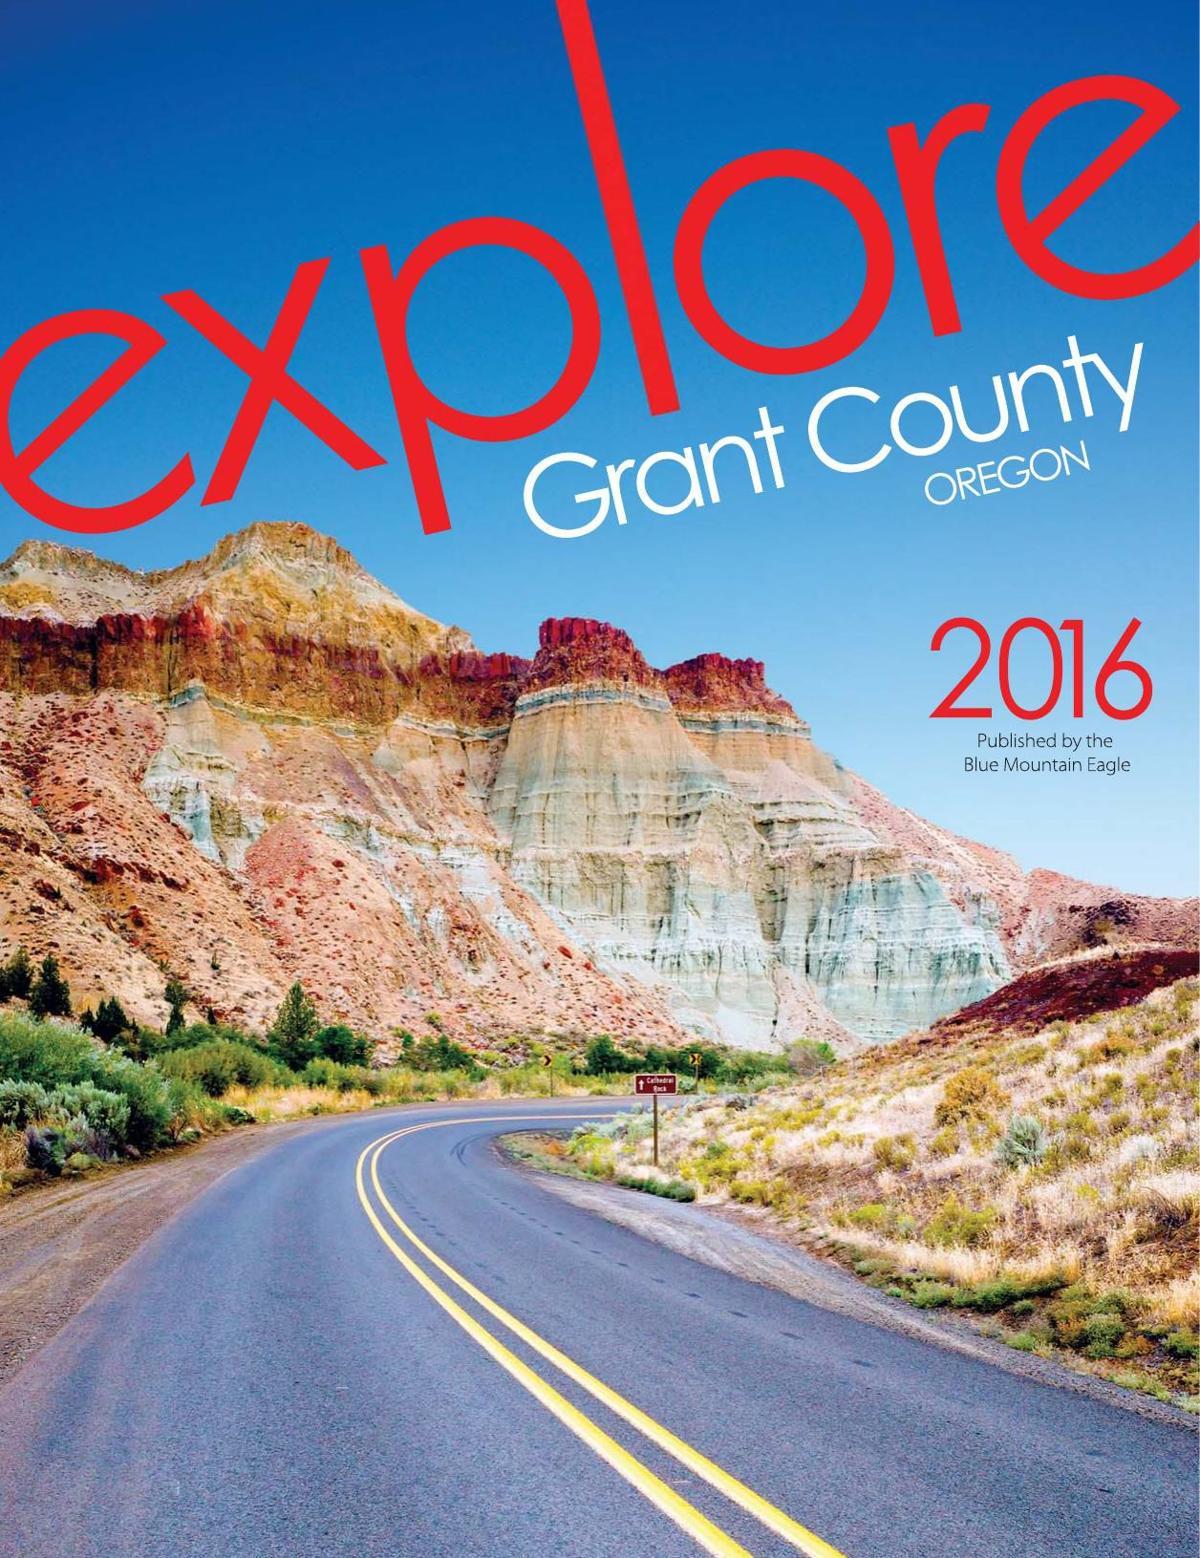 Explore Grant County 2016